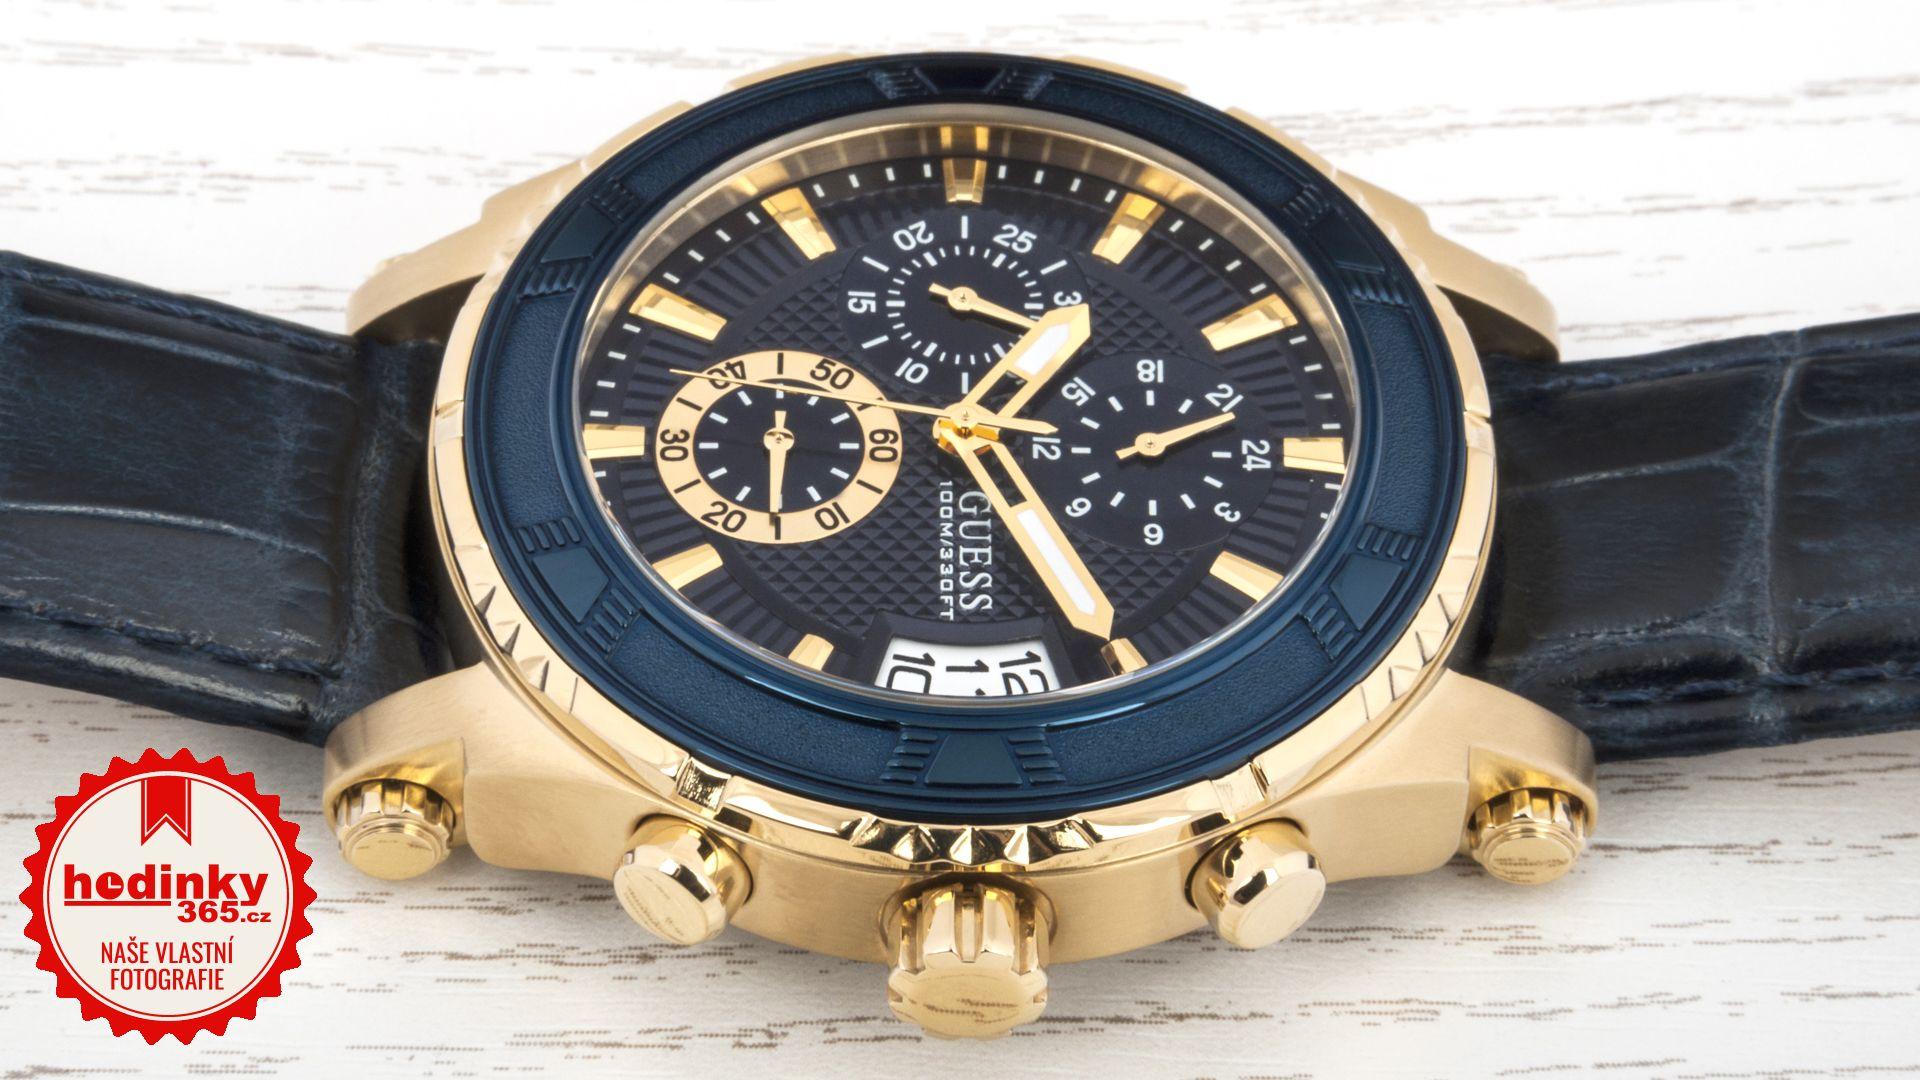 8a104d2d6 Pánské hodinky - kožený řemínek, ocel pouzdro, minerální sklíčko. Veškeré  technické parametry naleznete níže